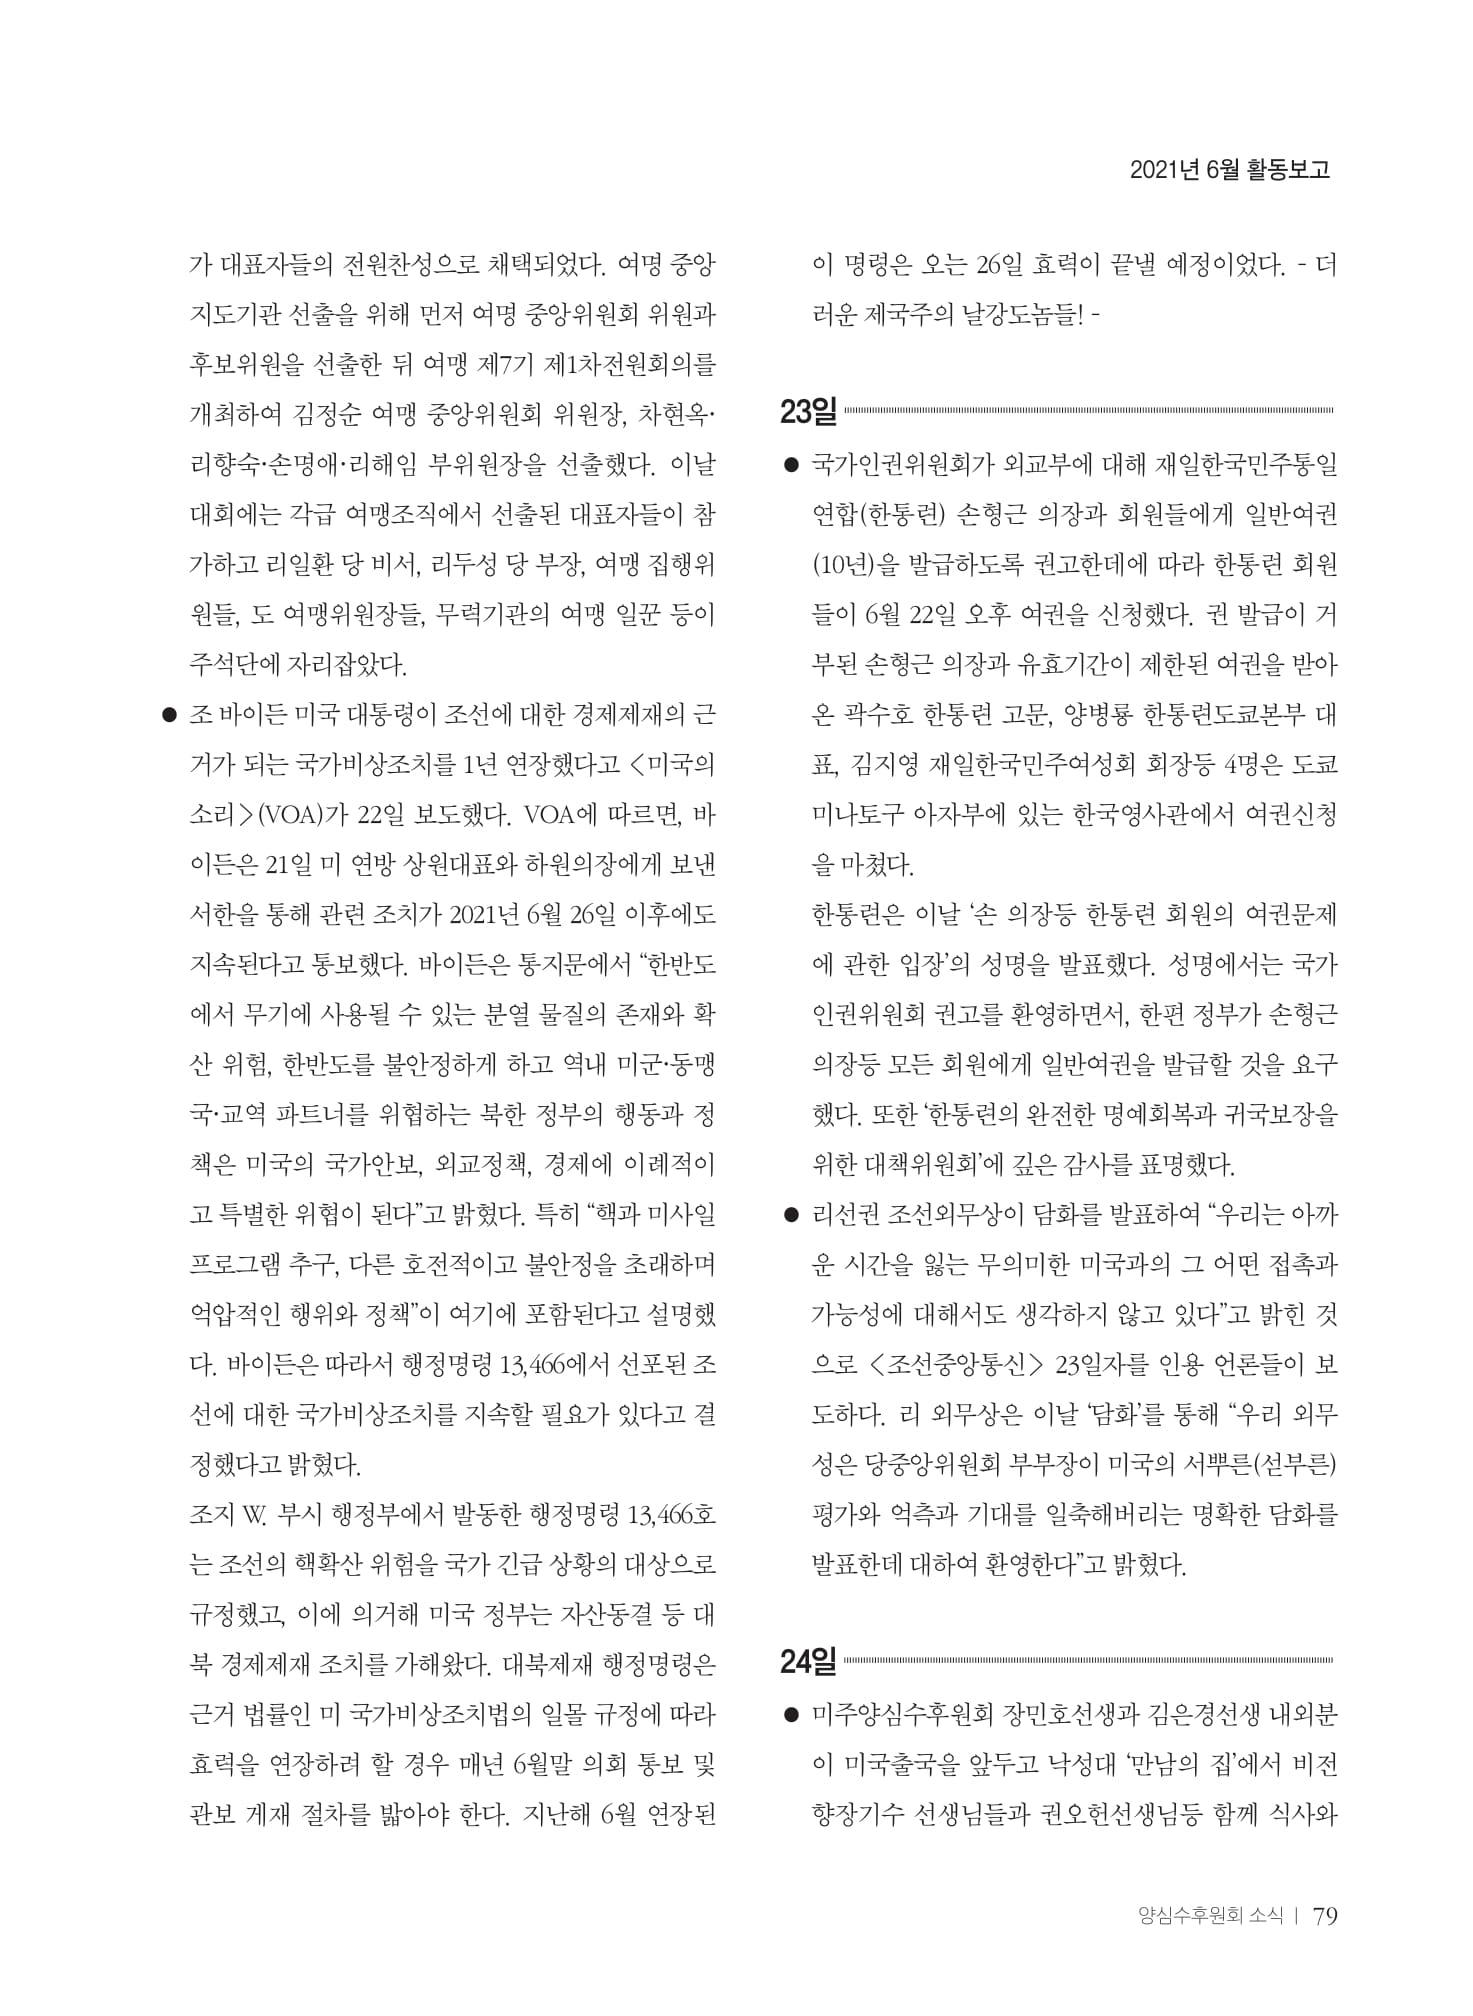 [양심수후원회] 소식지 354호 web 수정-81.jpg